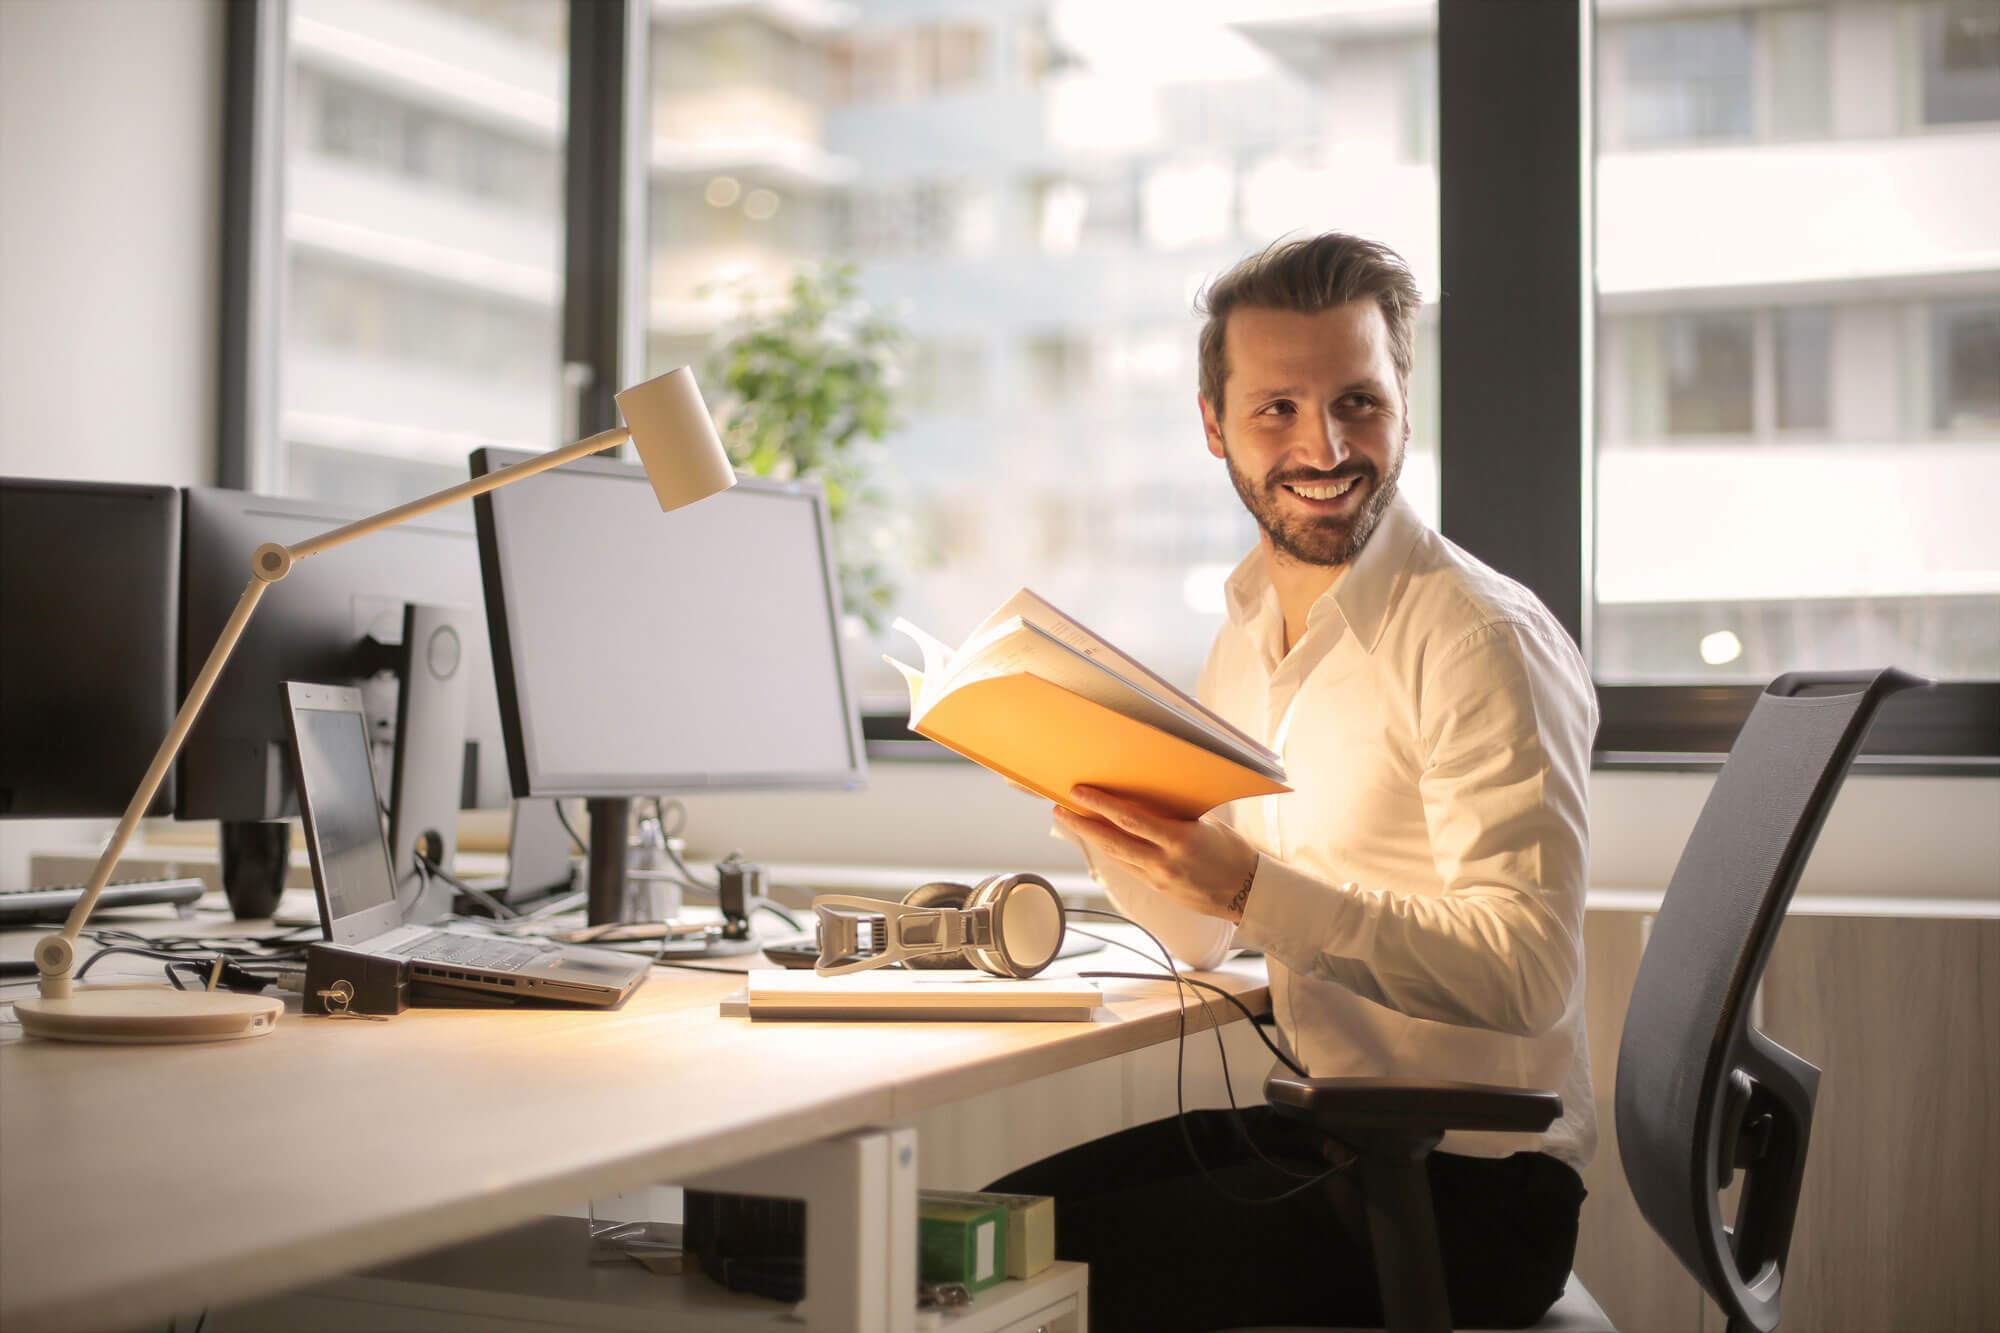 Mann im Büro hält Buch in der Hand